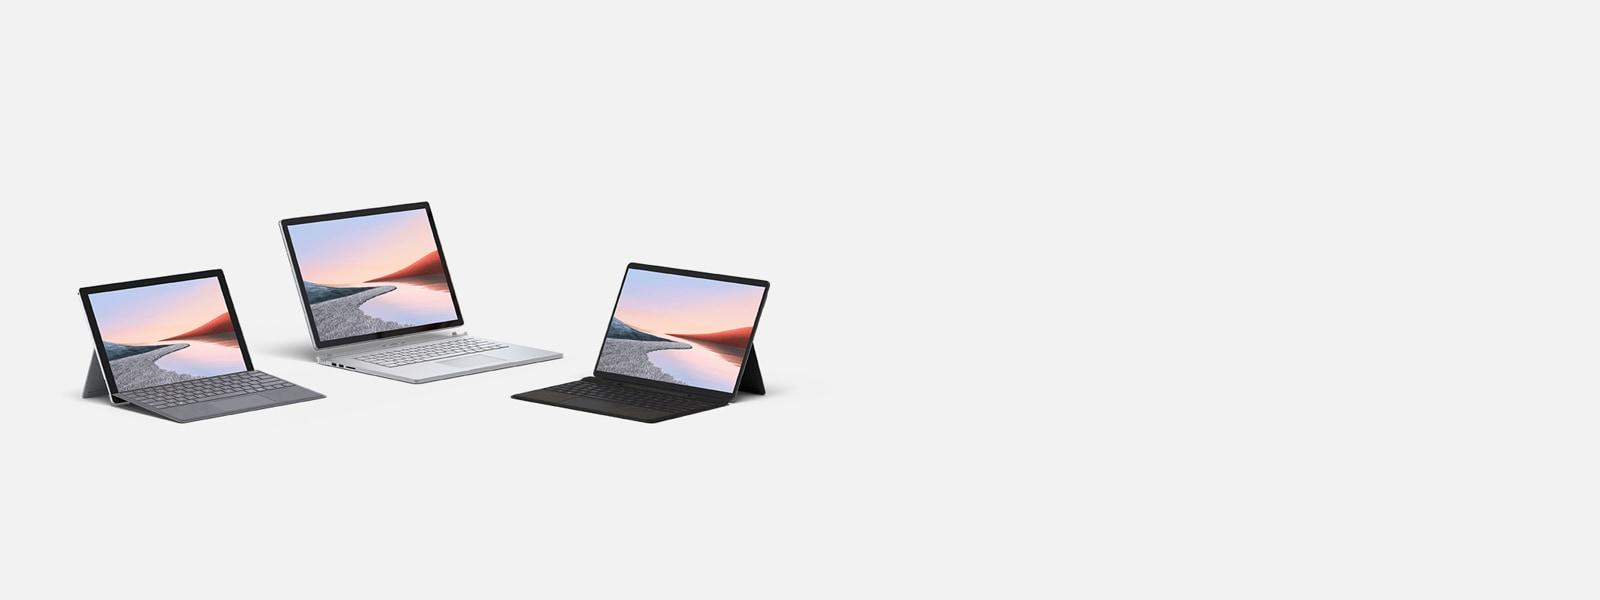 Obtenez 20% de réduction et plus sur la famille Surface : Surface Pro 7, Surface Laptop Go, Surface Laptop 3, Surface Book 3 et Surface Pro X.